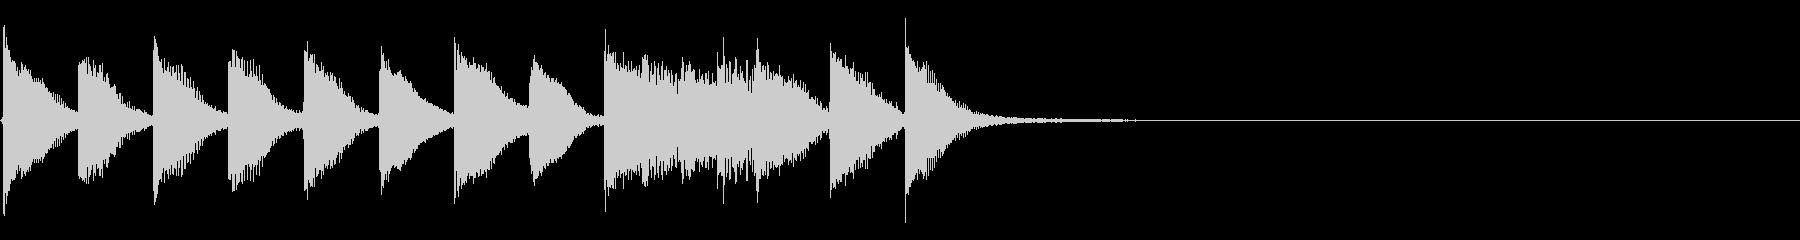 明るく かわいいピアノサウンドロゴ09の未再生の波形